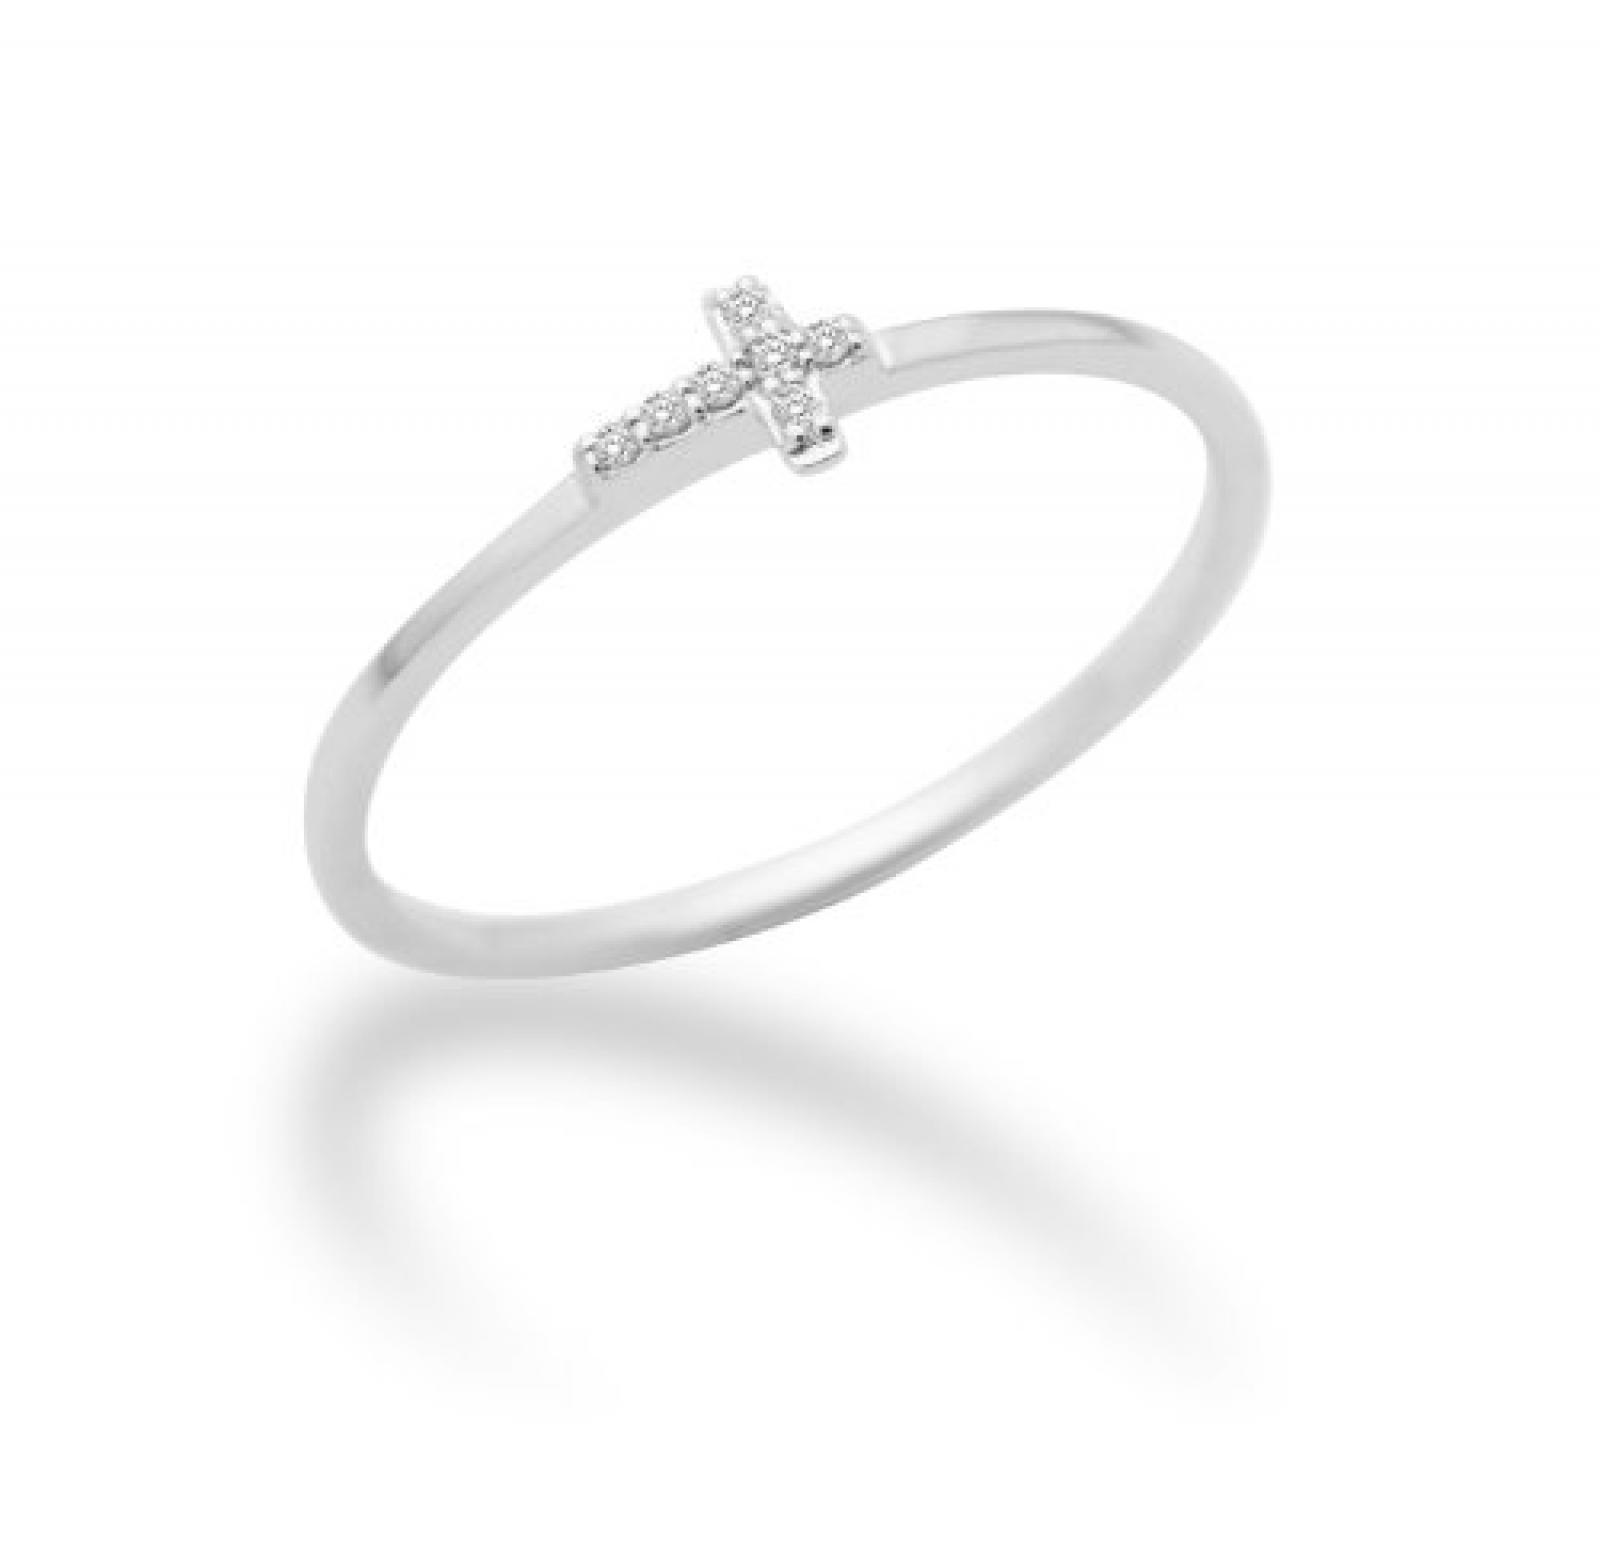 Miore Damen-Ring 18 Karat (750) weißgold Kreuz mit Brillanten 0.03ct MF8015RWM